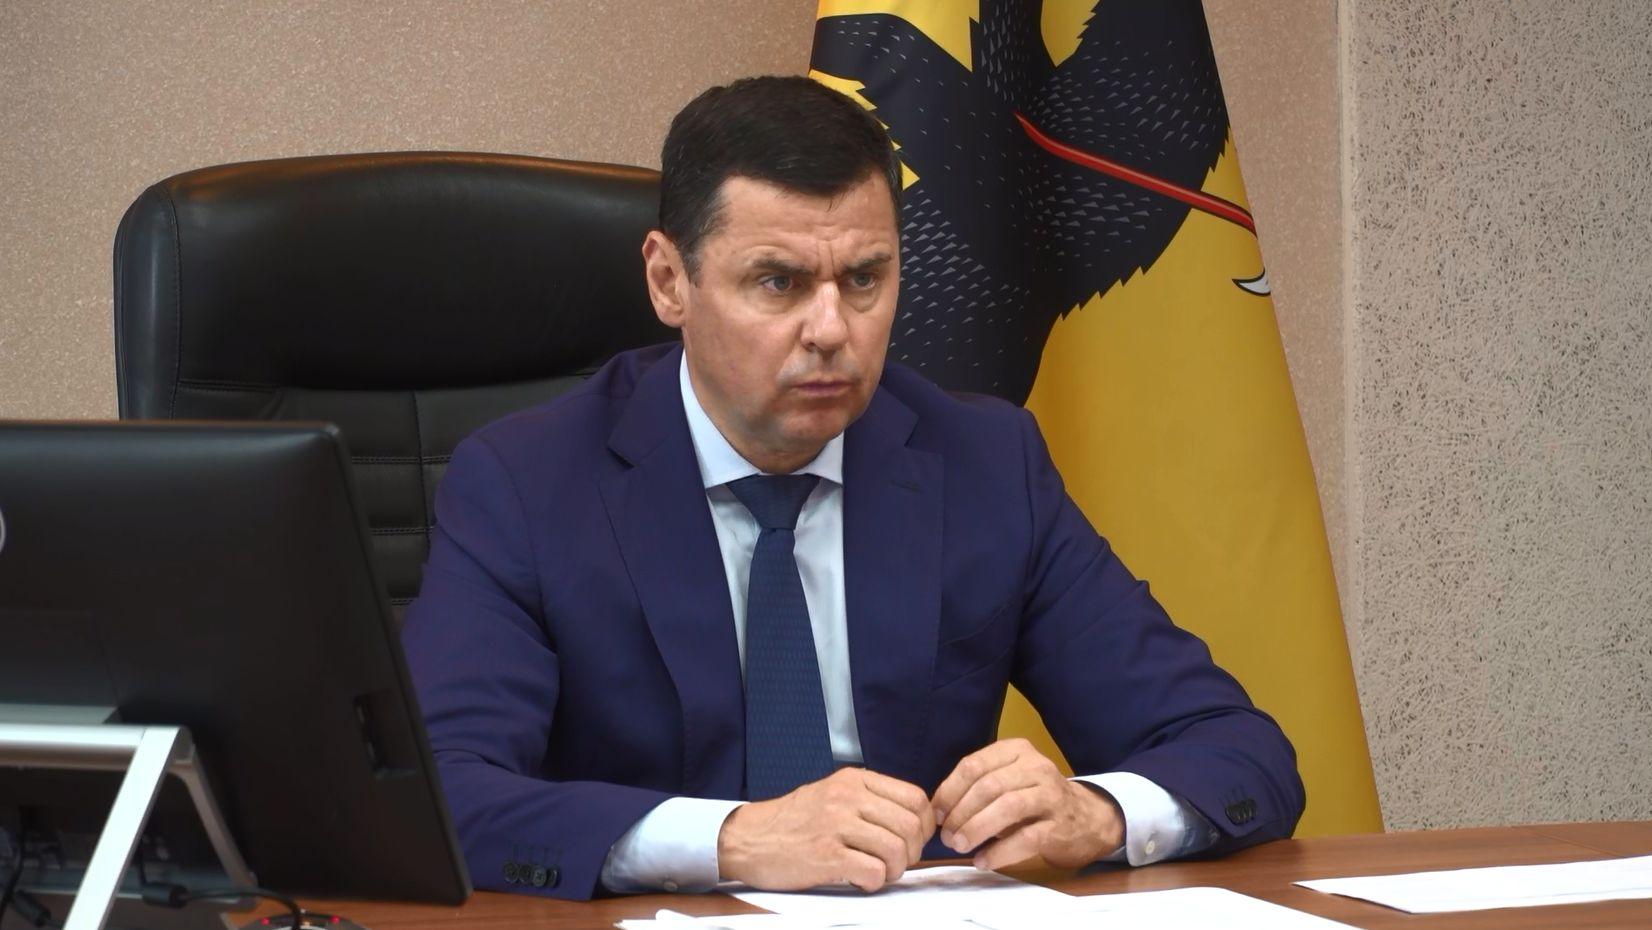 Дмитрий Миронов - реализация ряда объектов по губернаторскому проекту «Решаем вместе» откровенно срывается